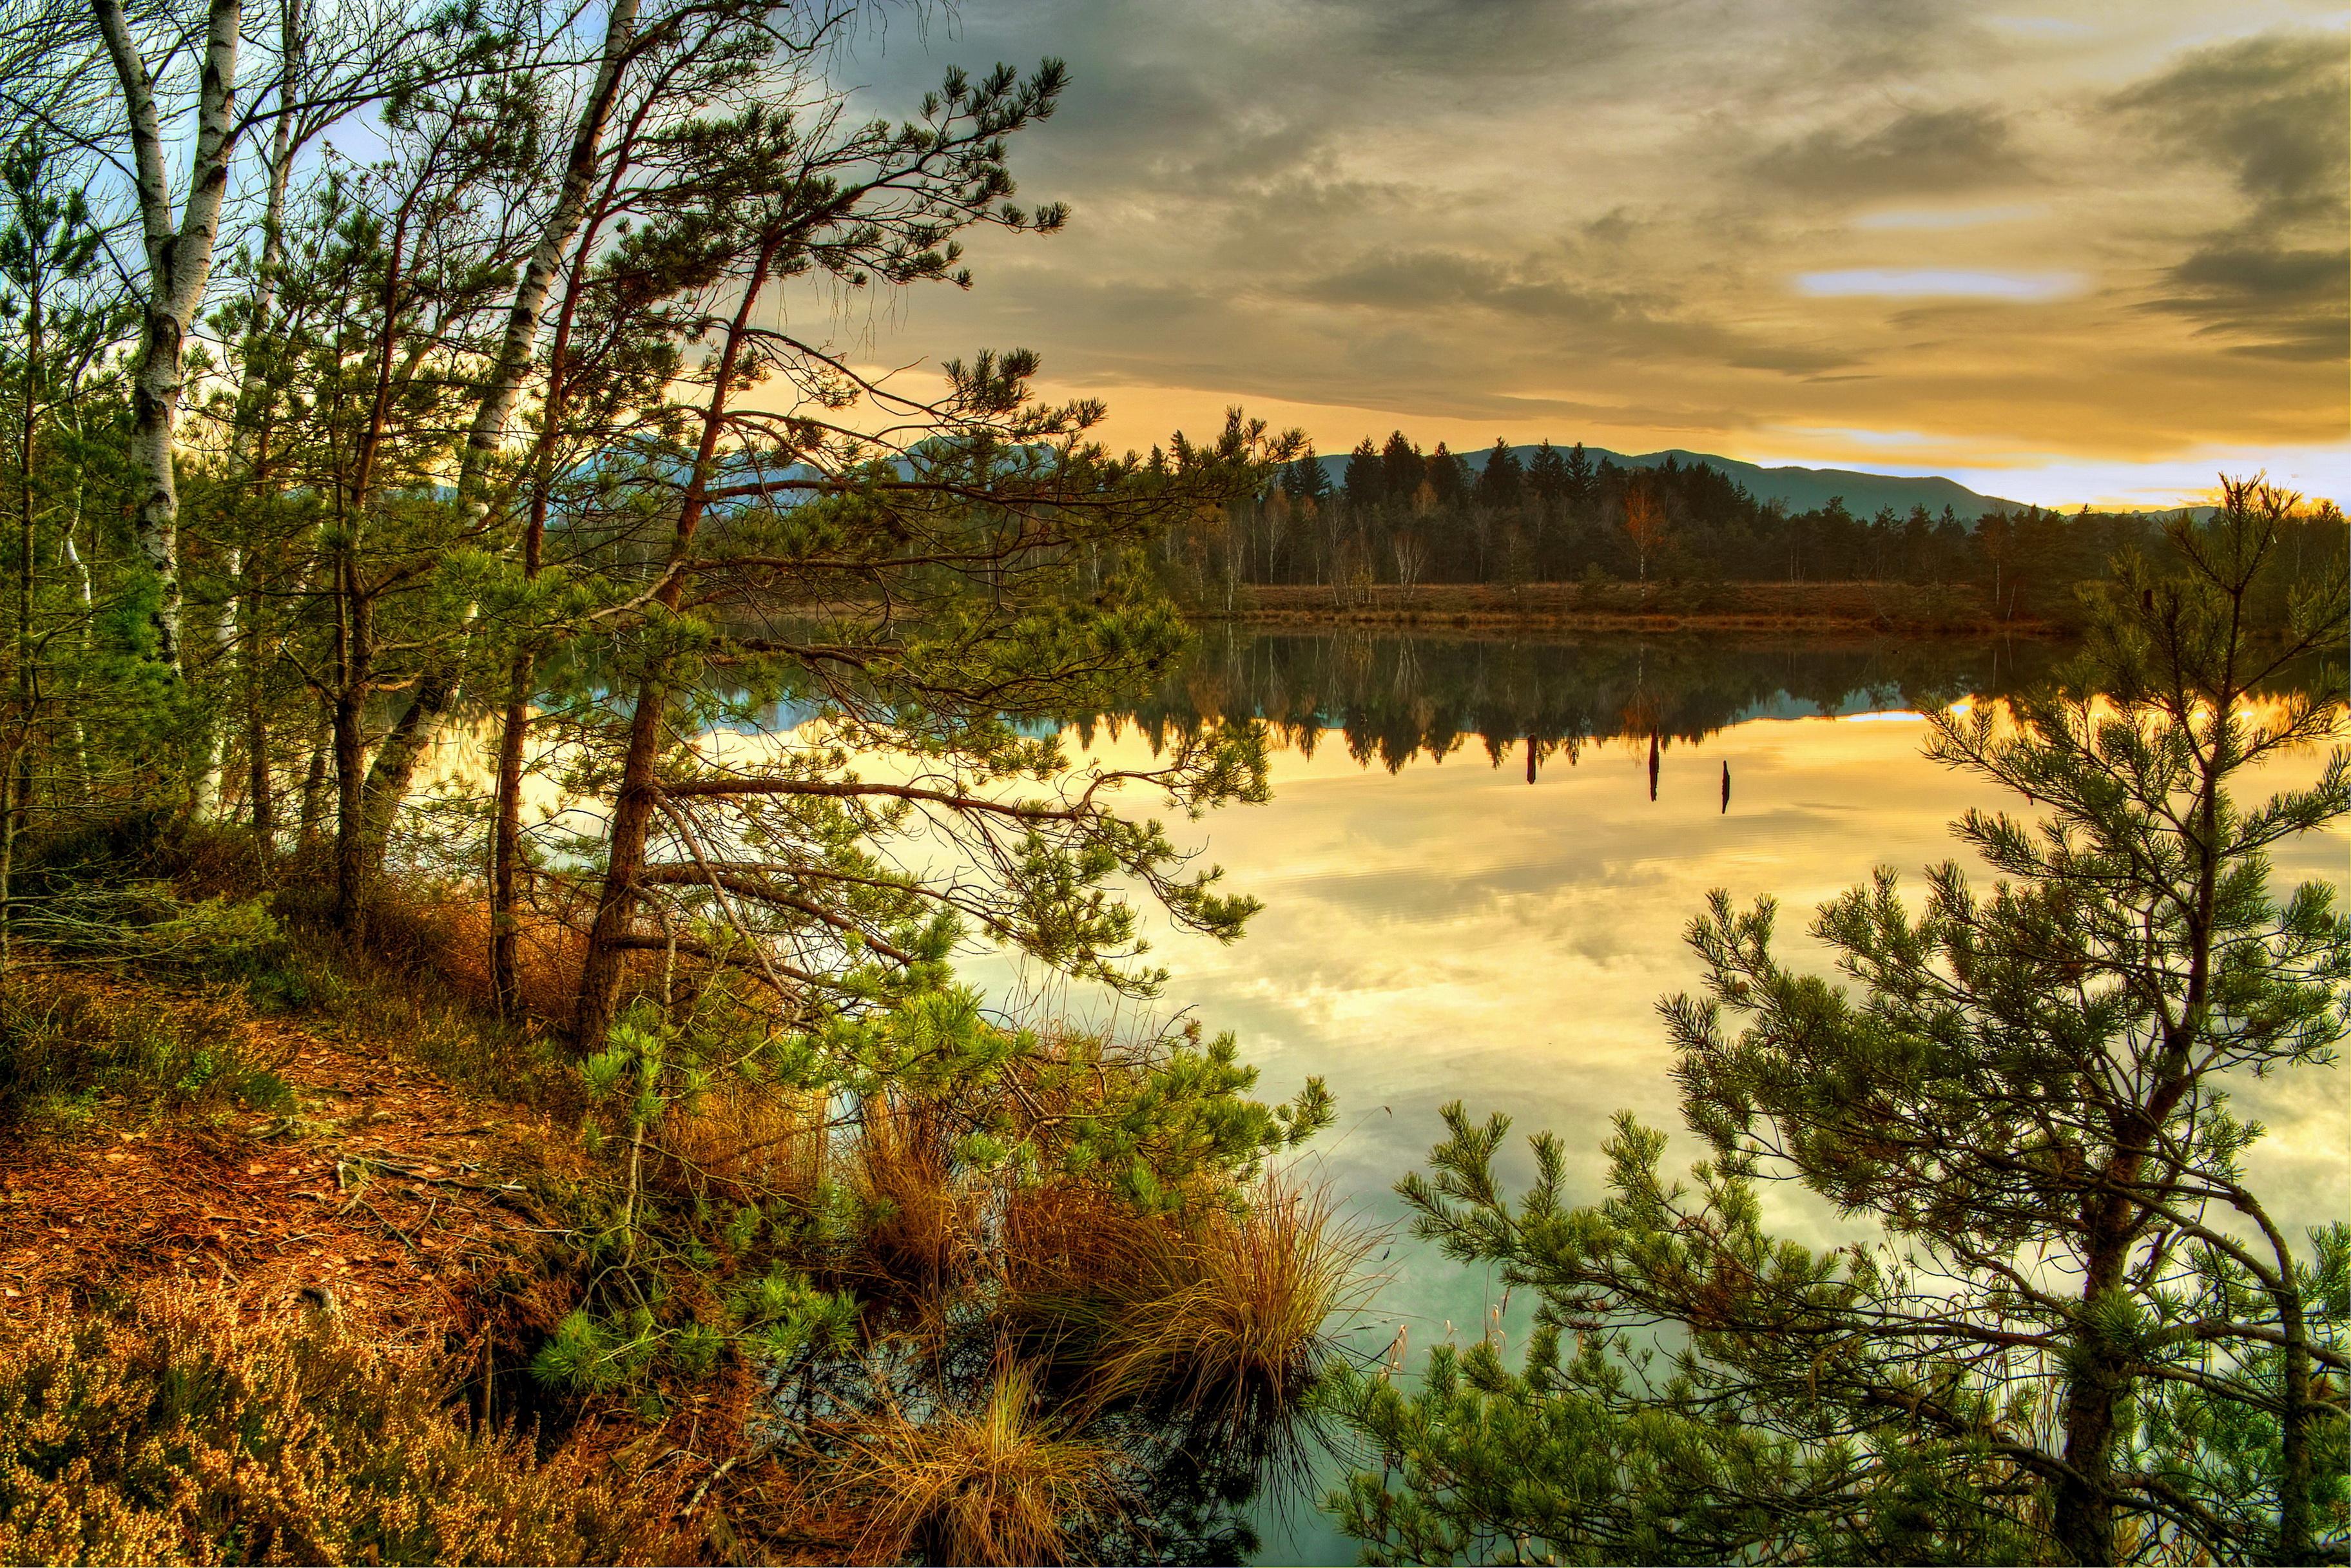 обои на рабочий стол осень природа река озеро лес № 241675 загрузить